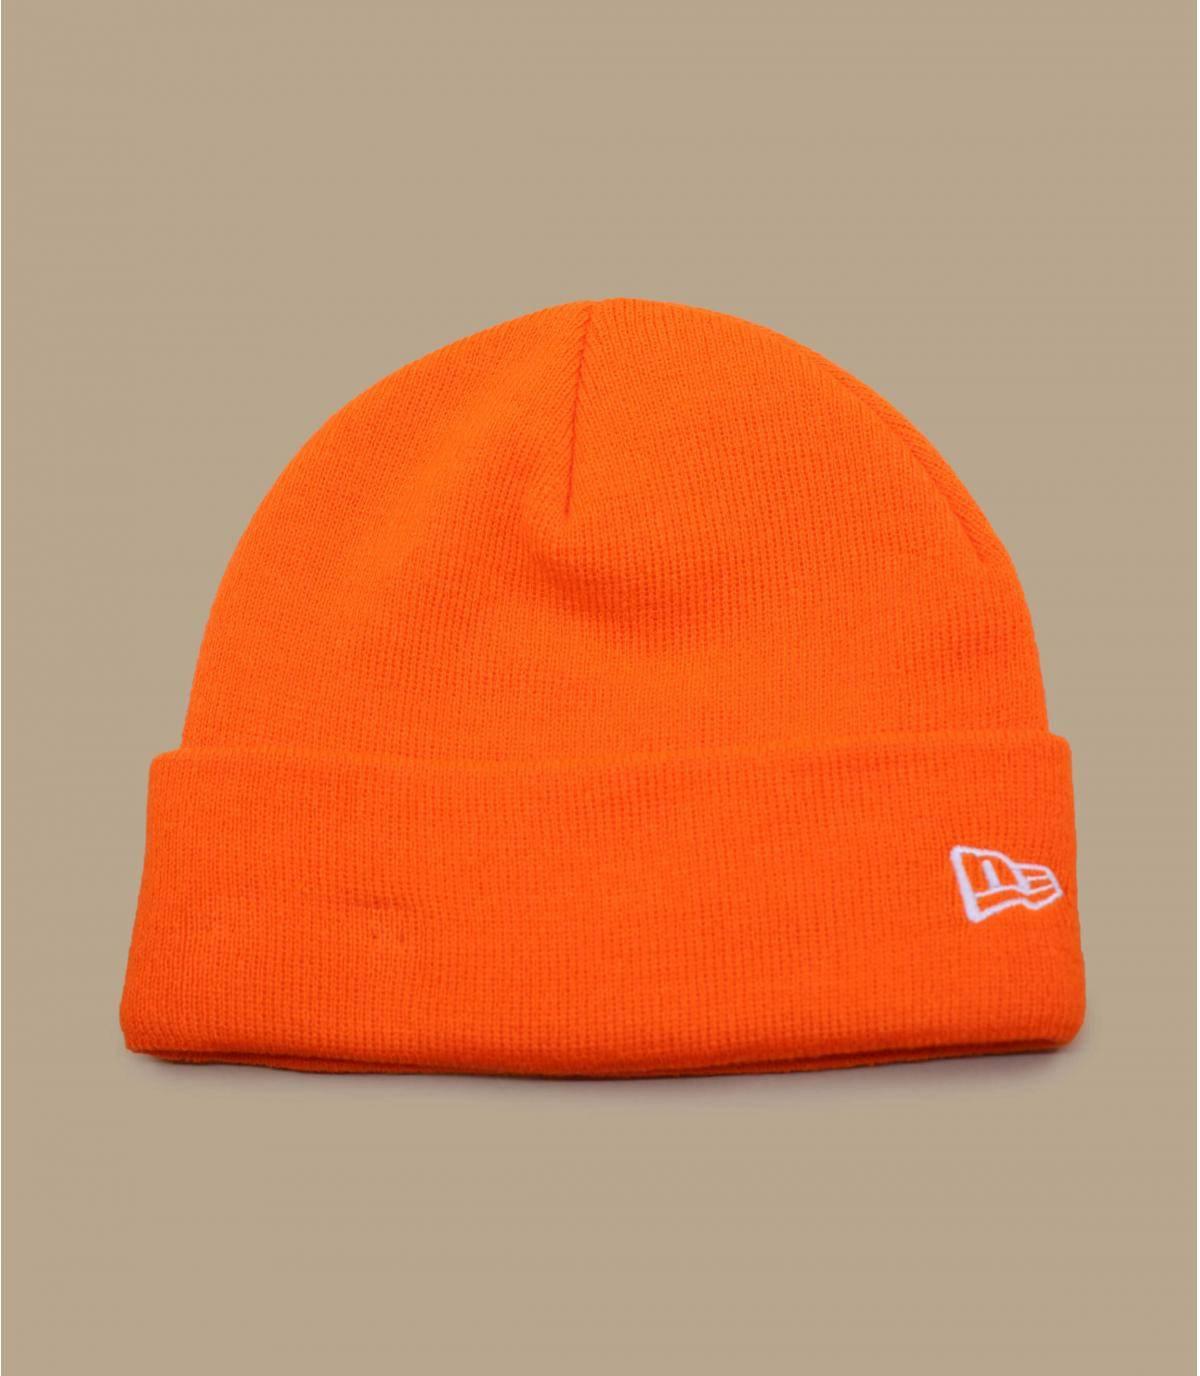 Details Pop Short Cuff orange - afbeeling 2